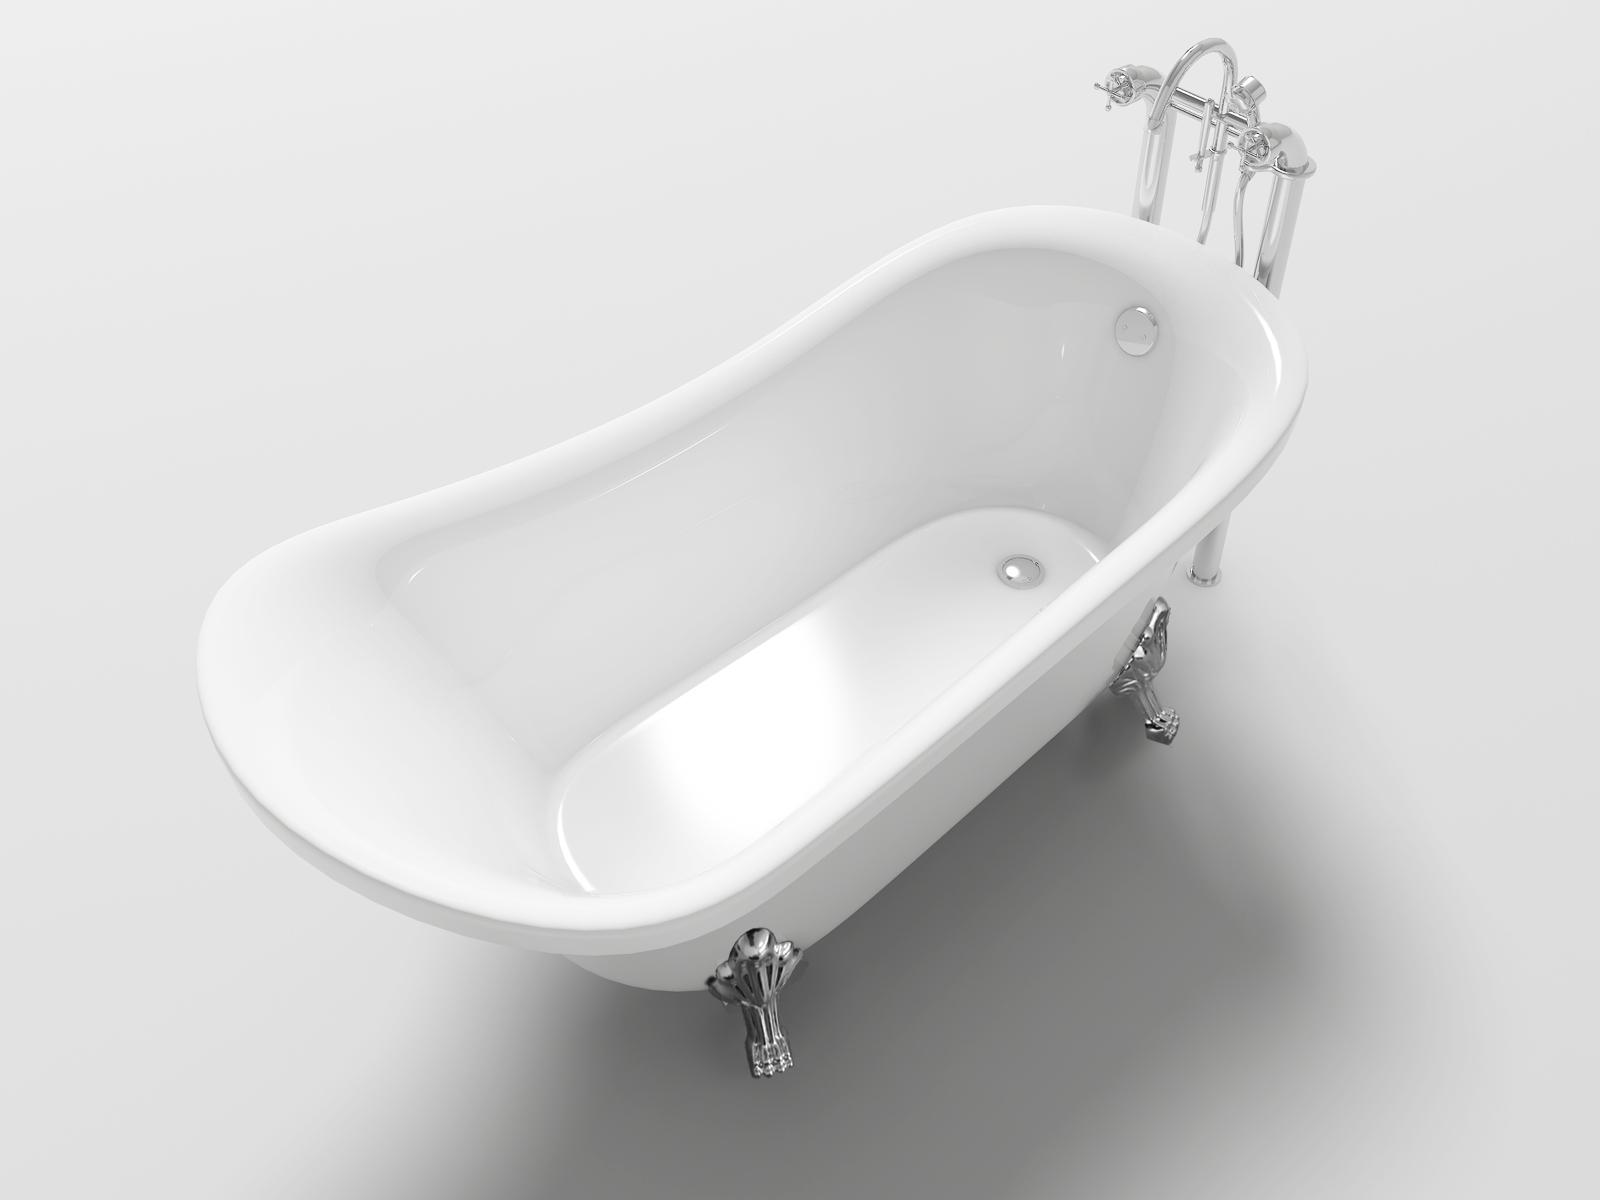 Vasca Da Bagno Zampe Di Leone : Mitepek.it vasca da bagno in stile inglese freestanding